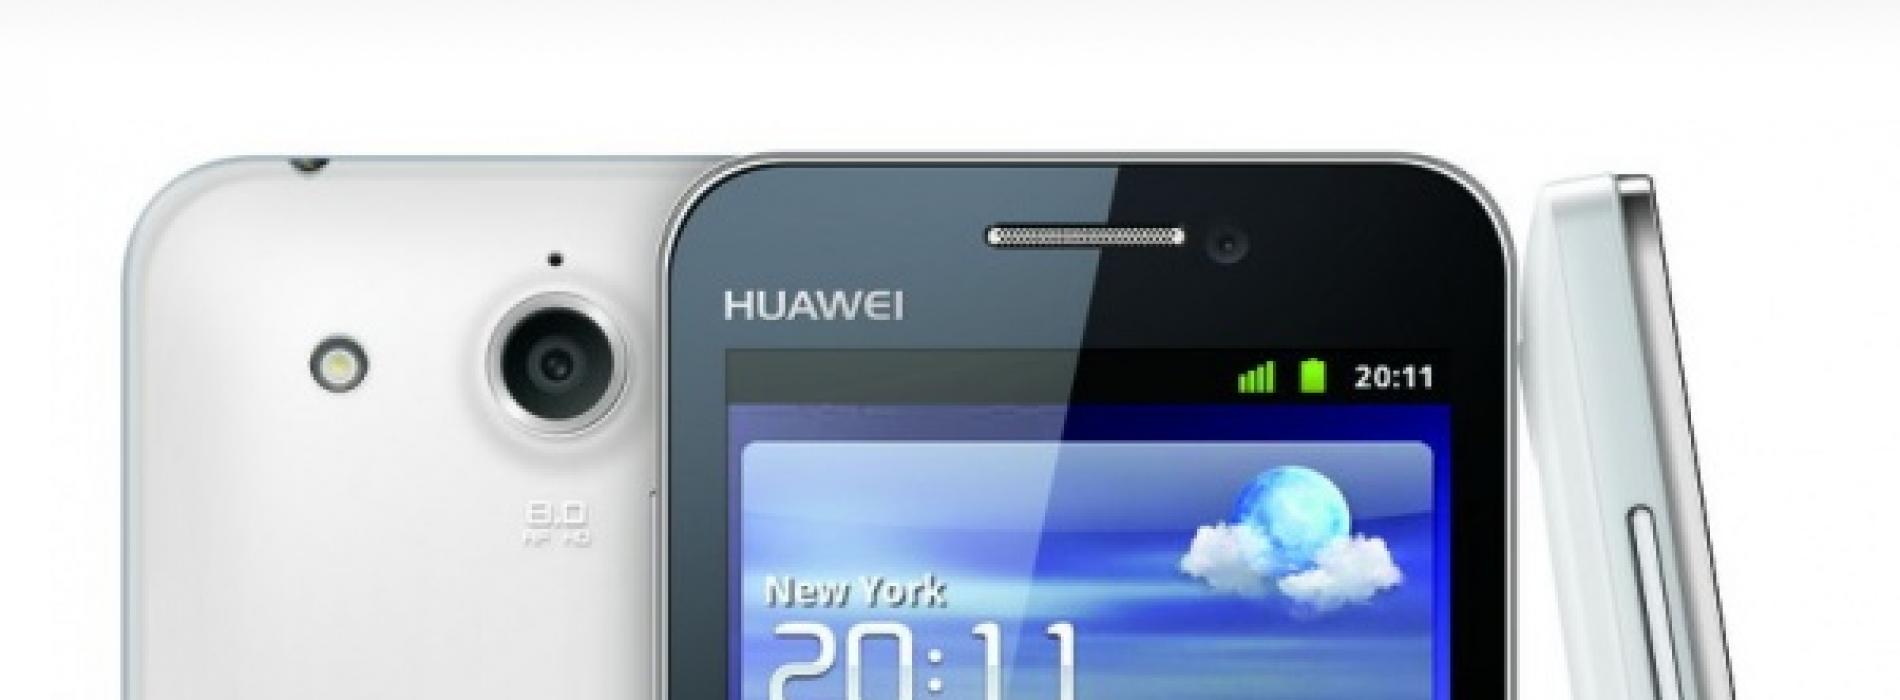 Huawei Honor (U8860) Review